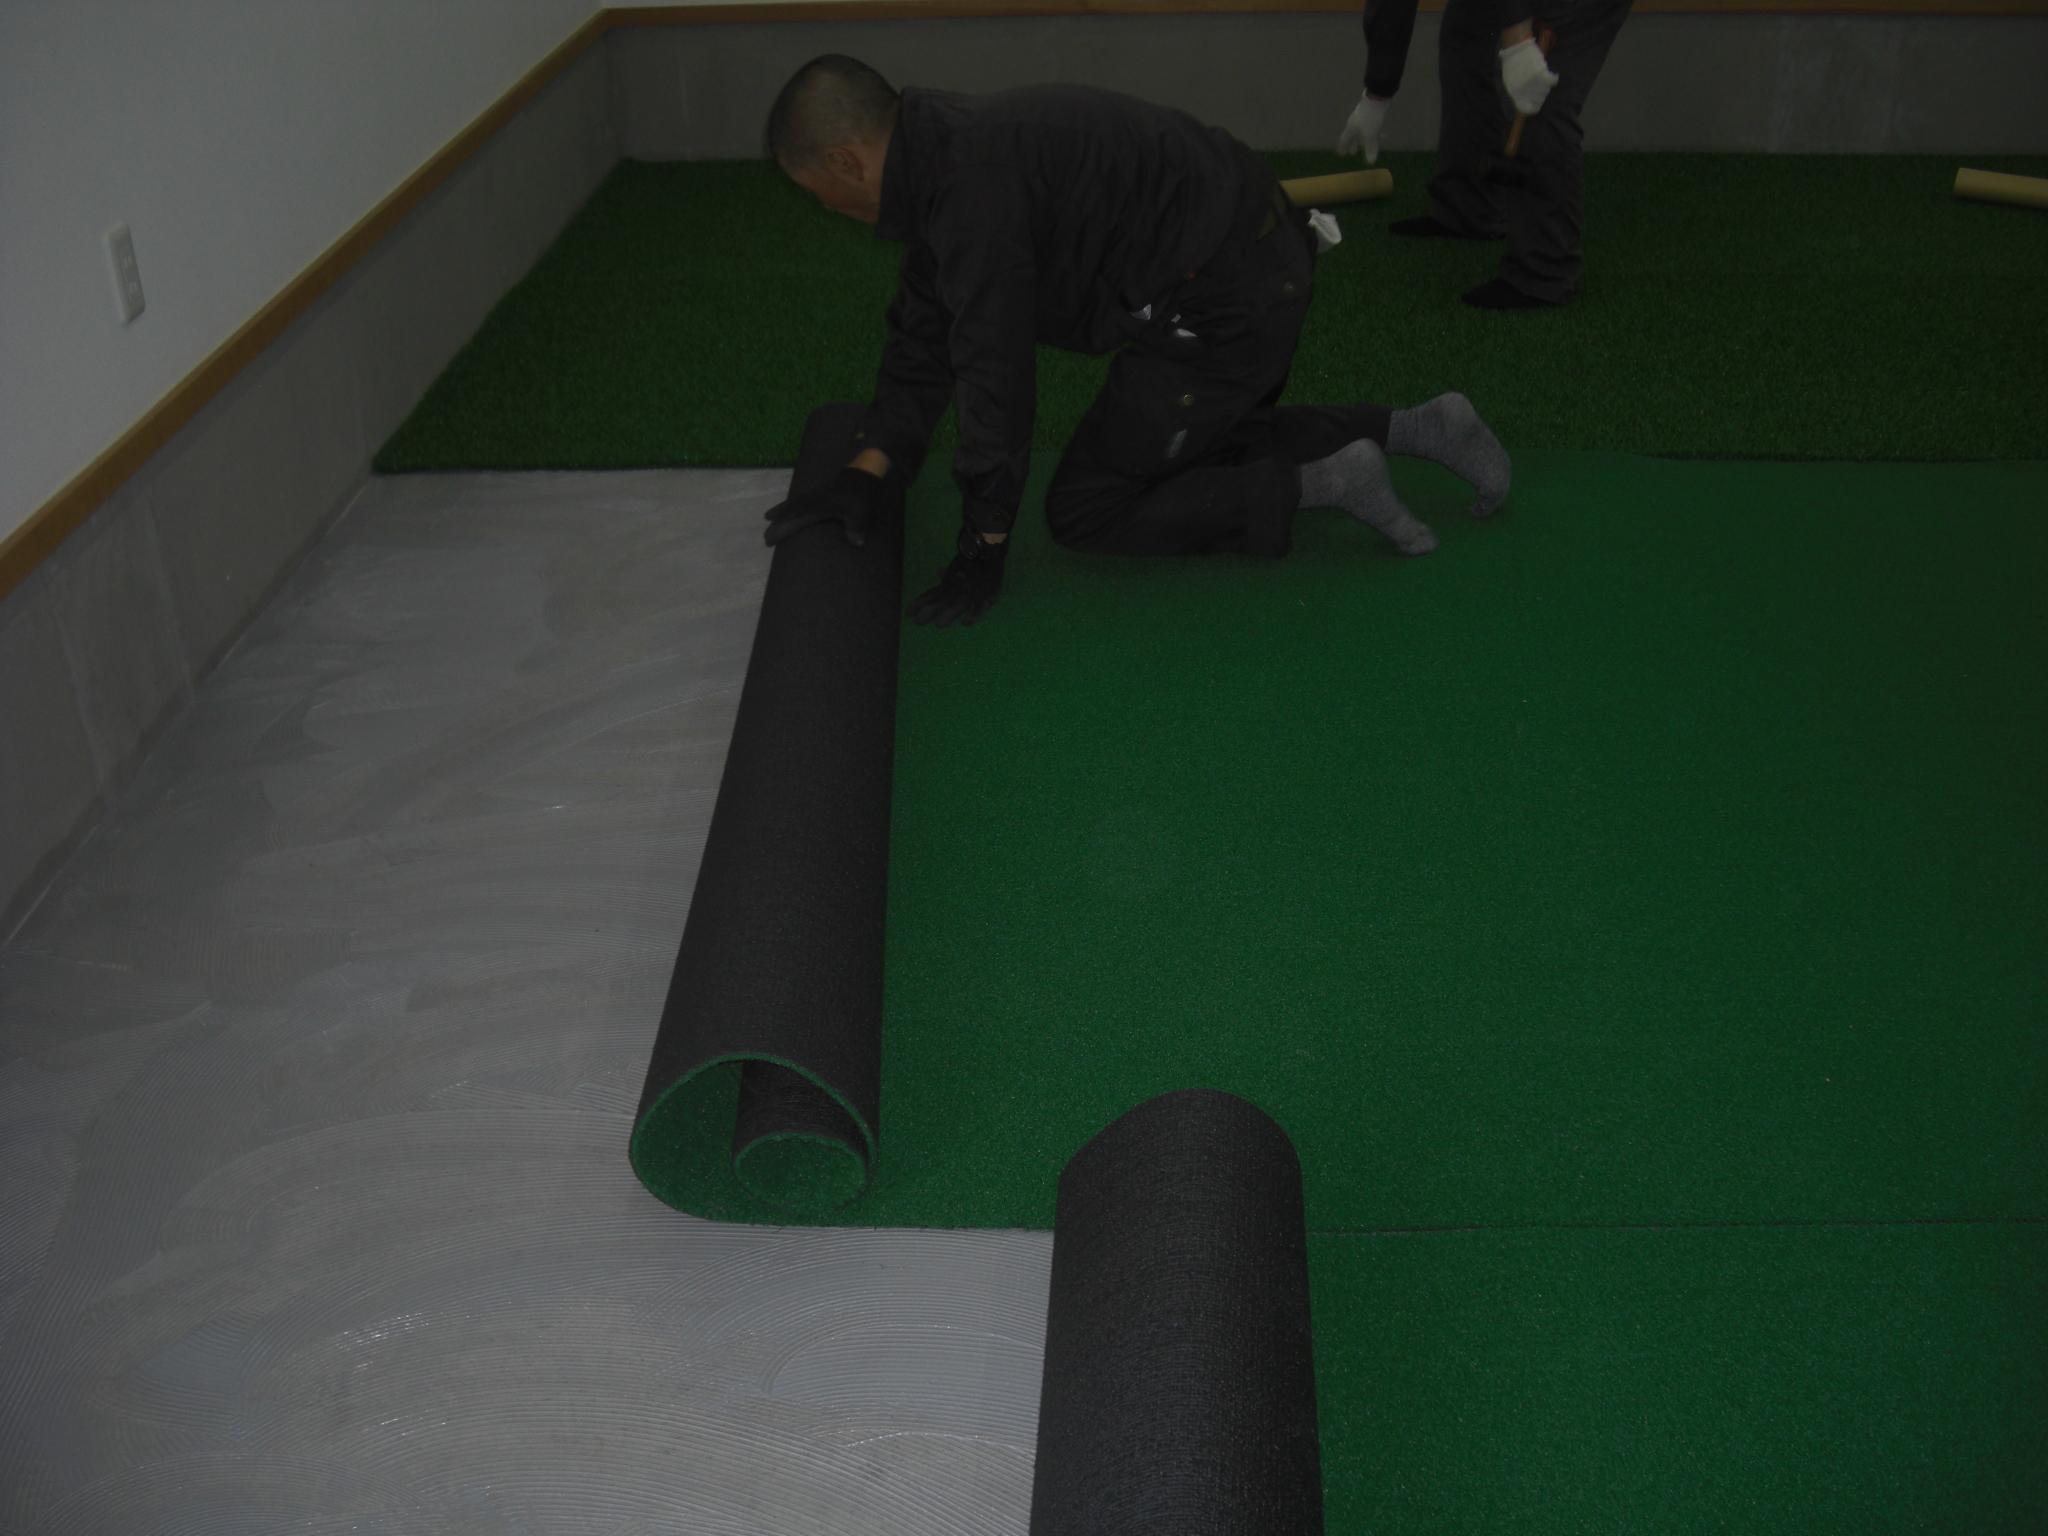 インドアネット、人工芝工事 image2